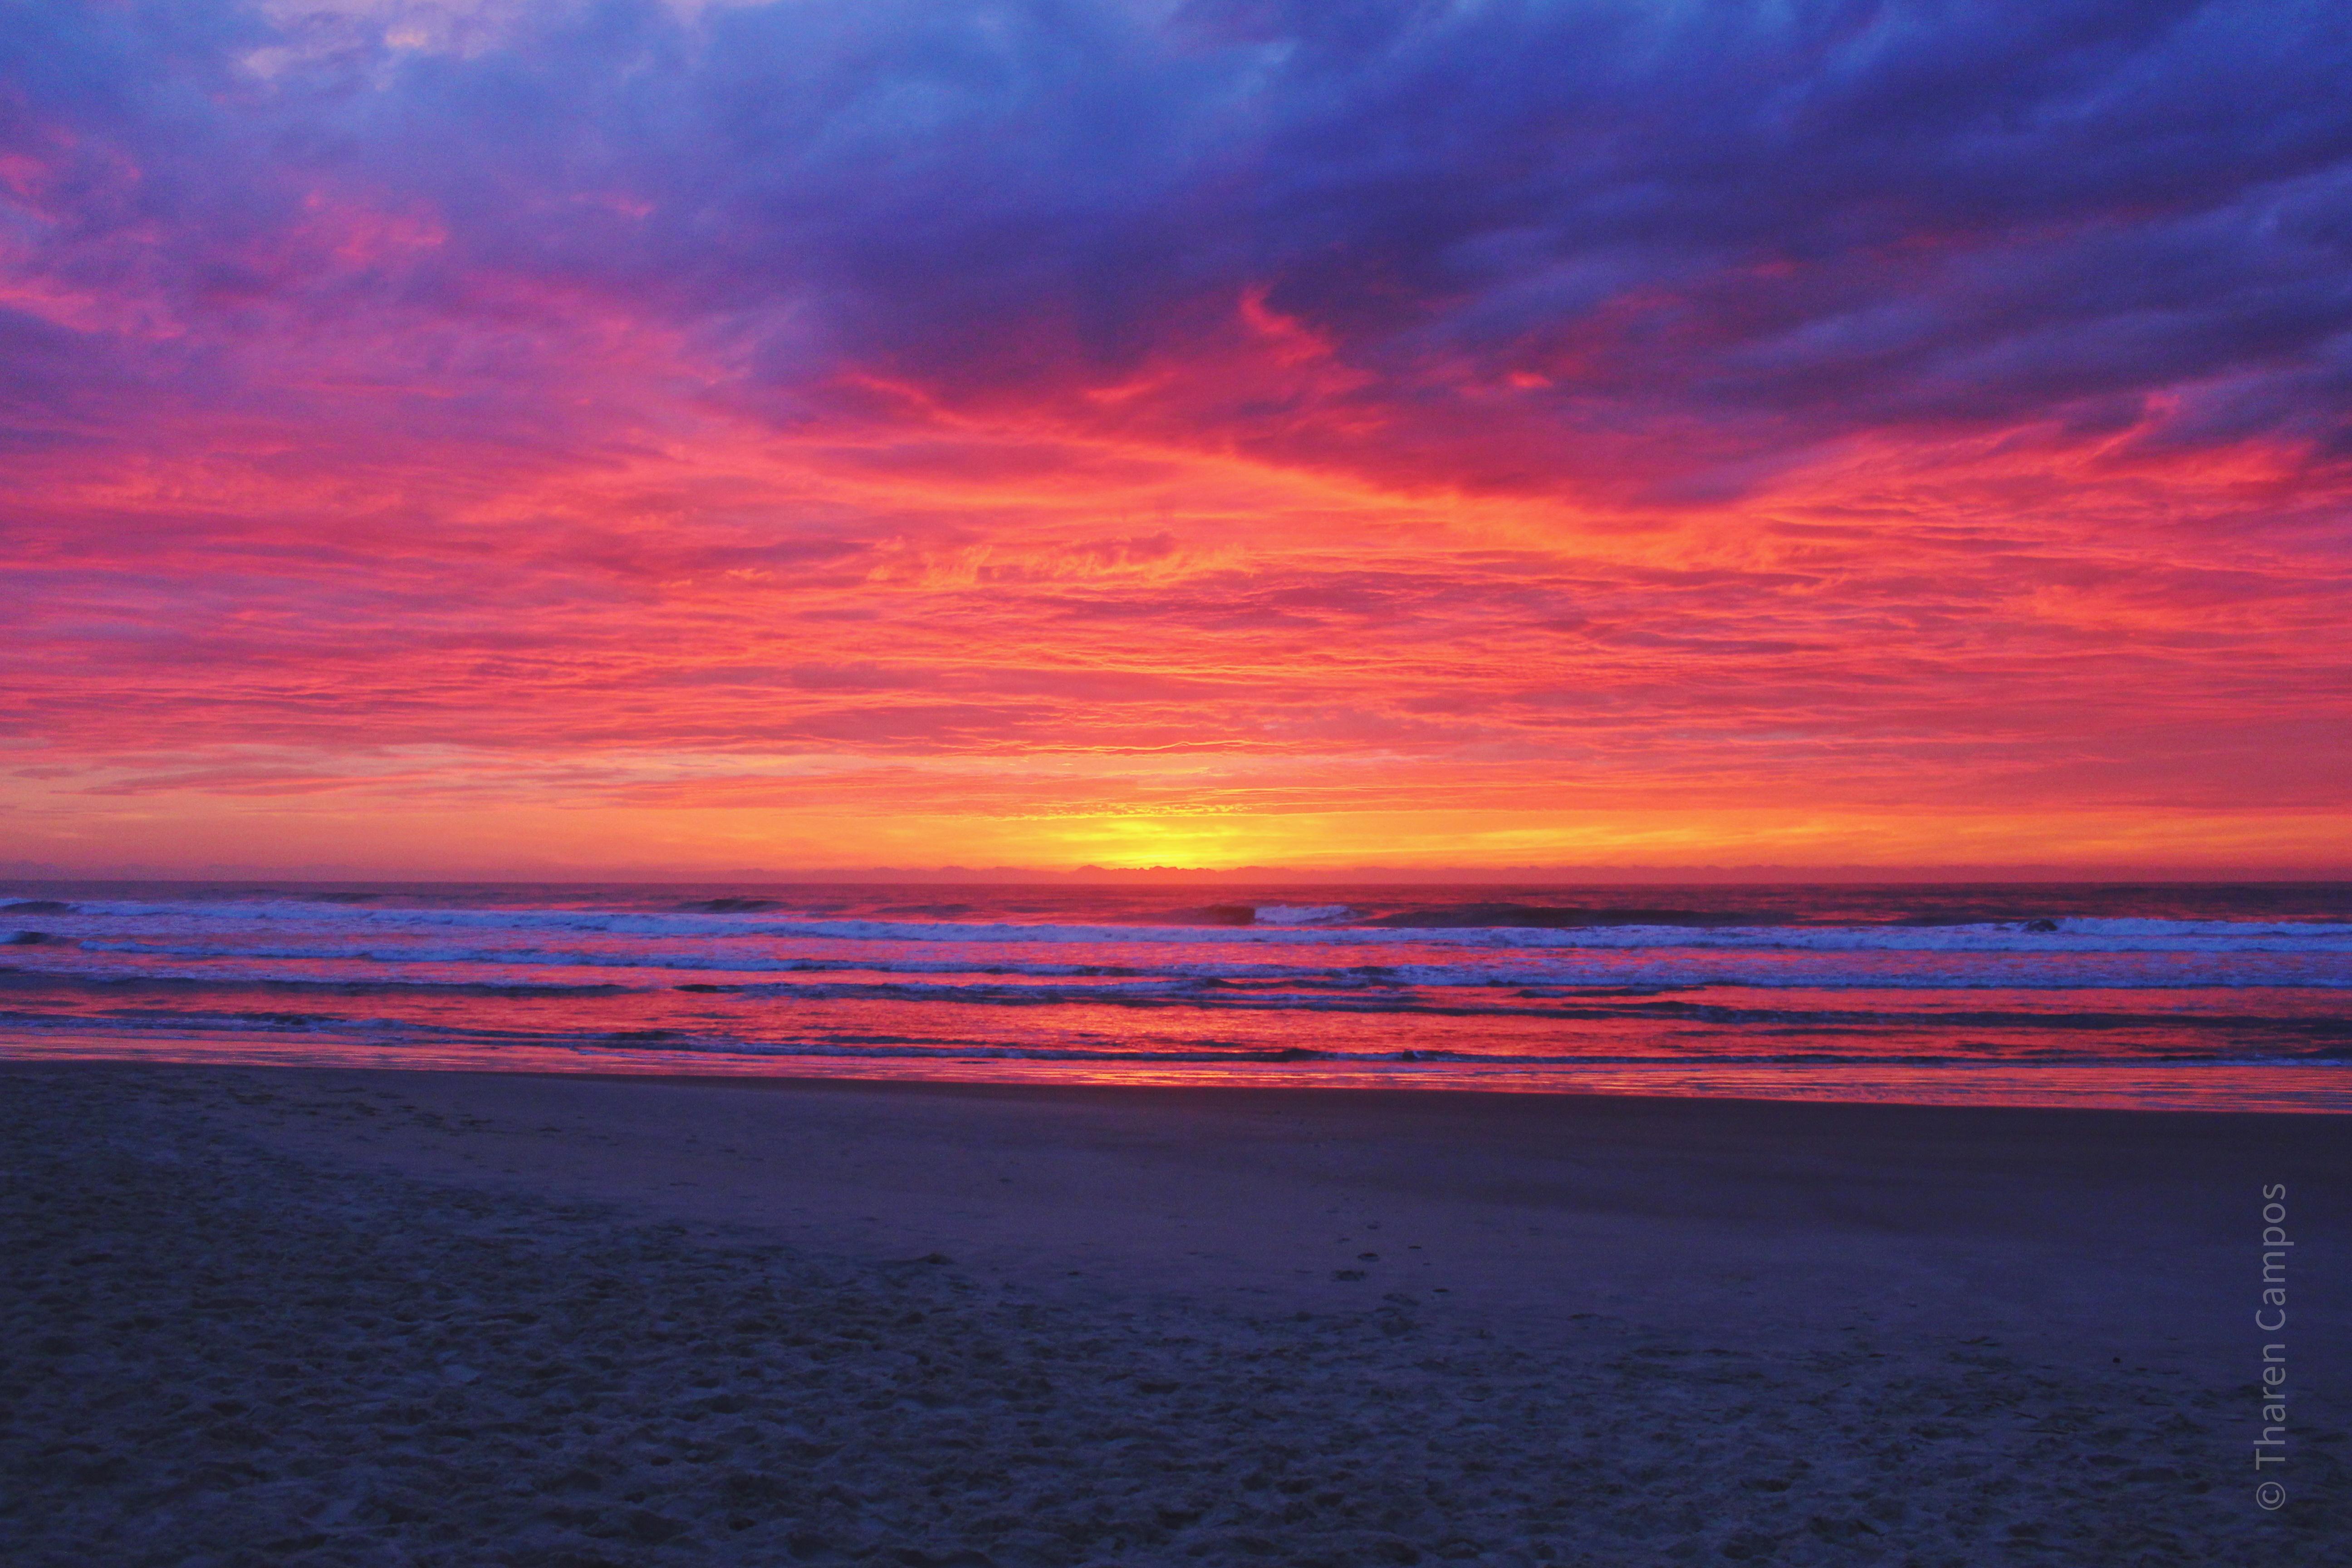 Nascer do sol - Praia do Rosa 1